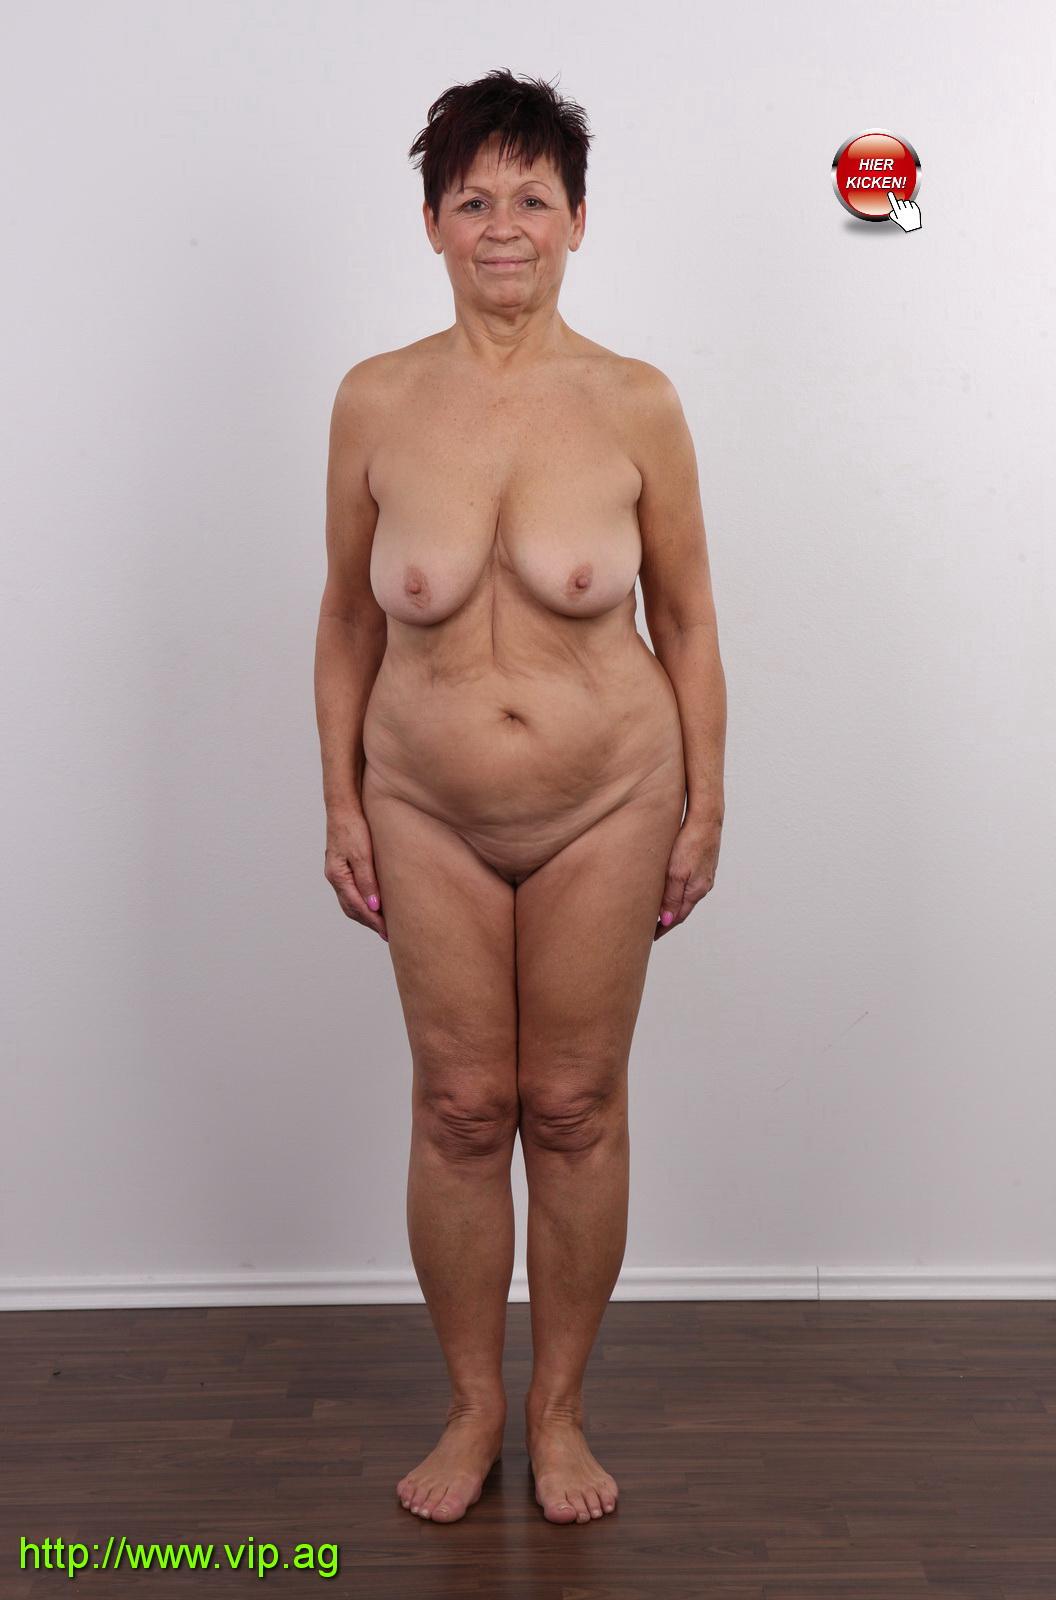 Jessica nackt finden